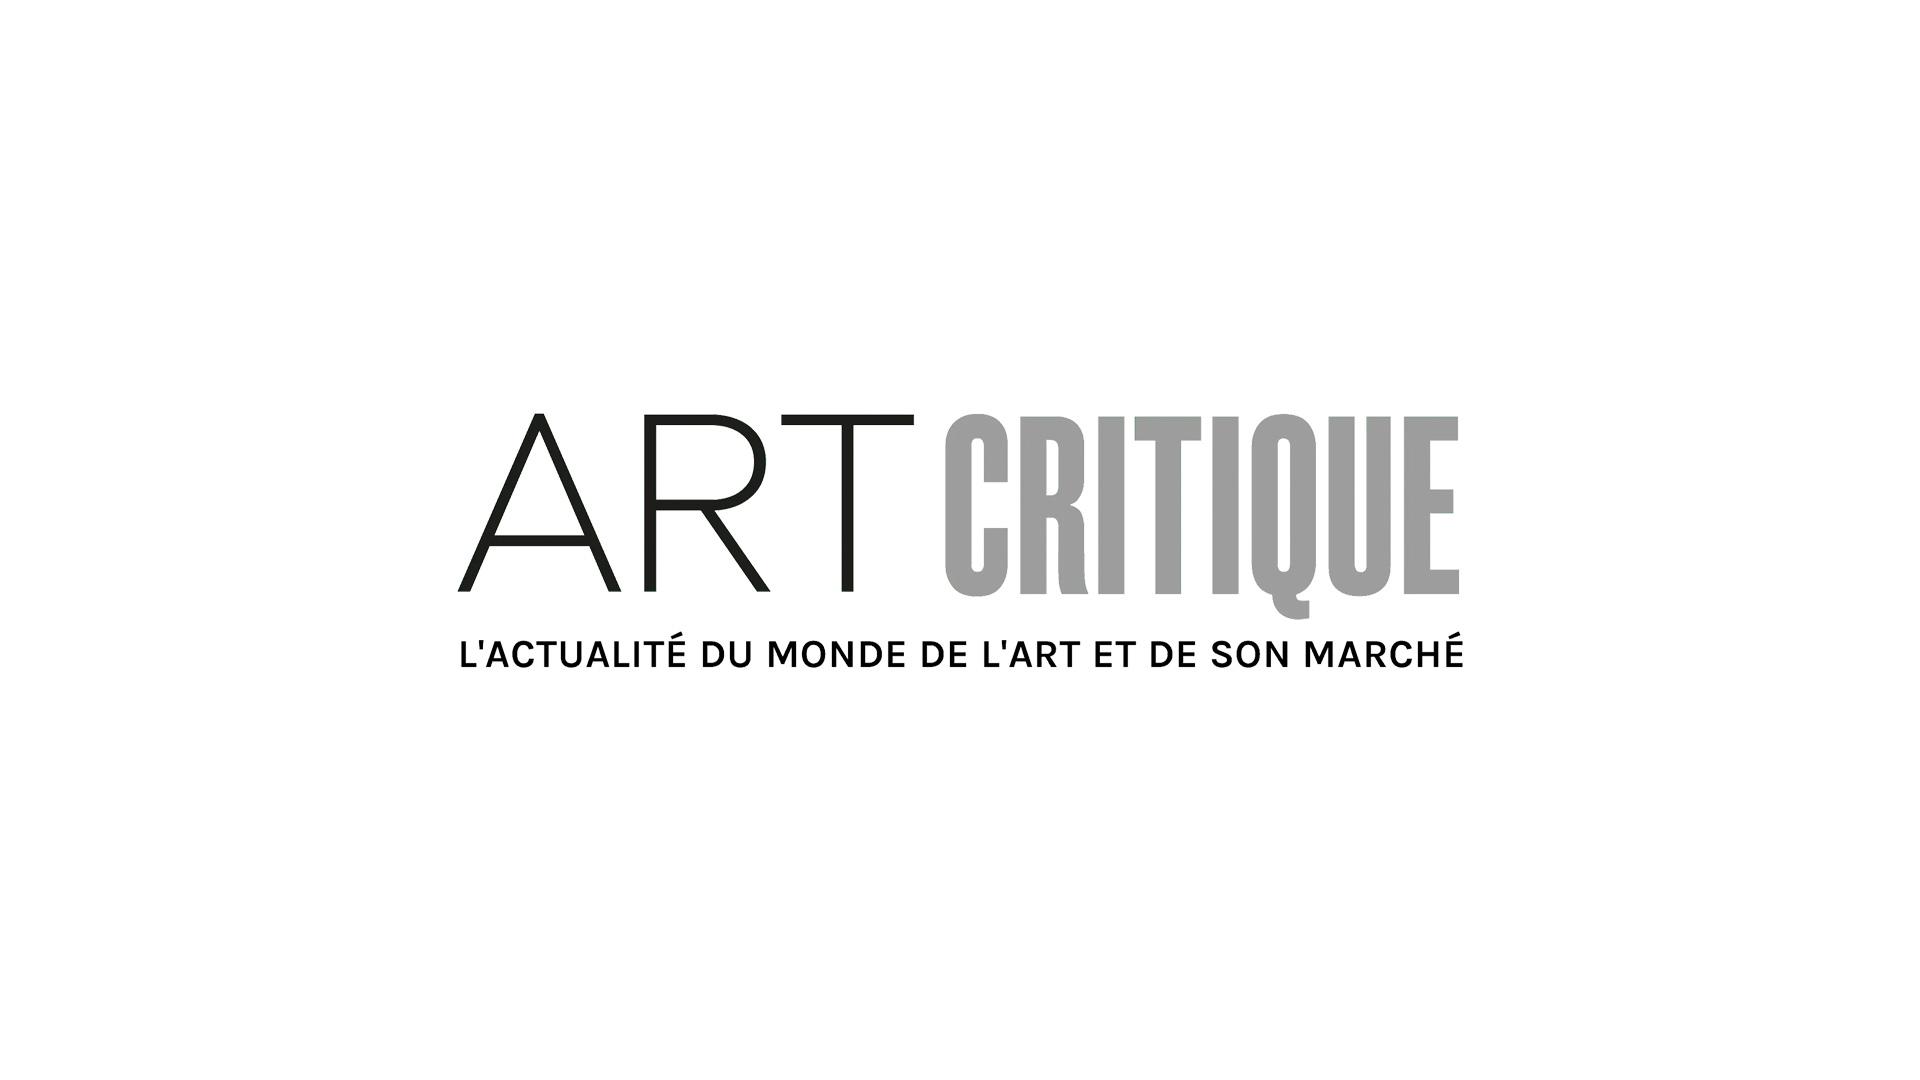 La Maison de Victor Hugo s'apprête à rouvrir ses portes